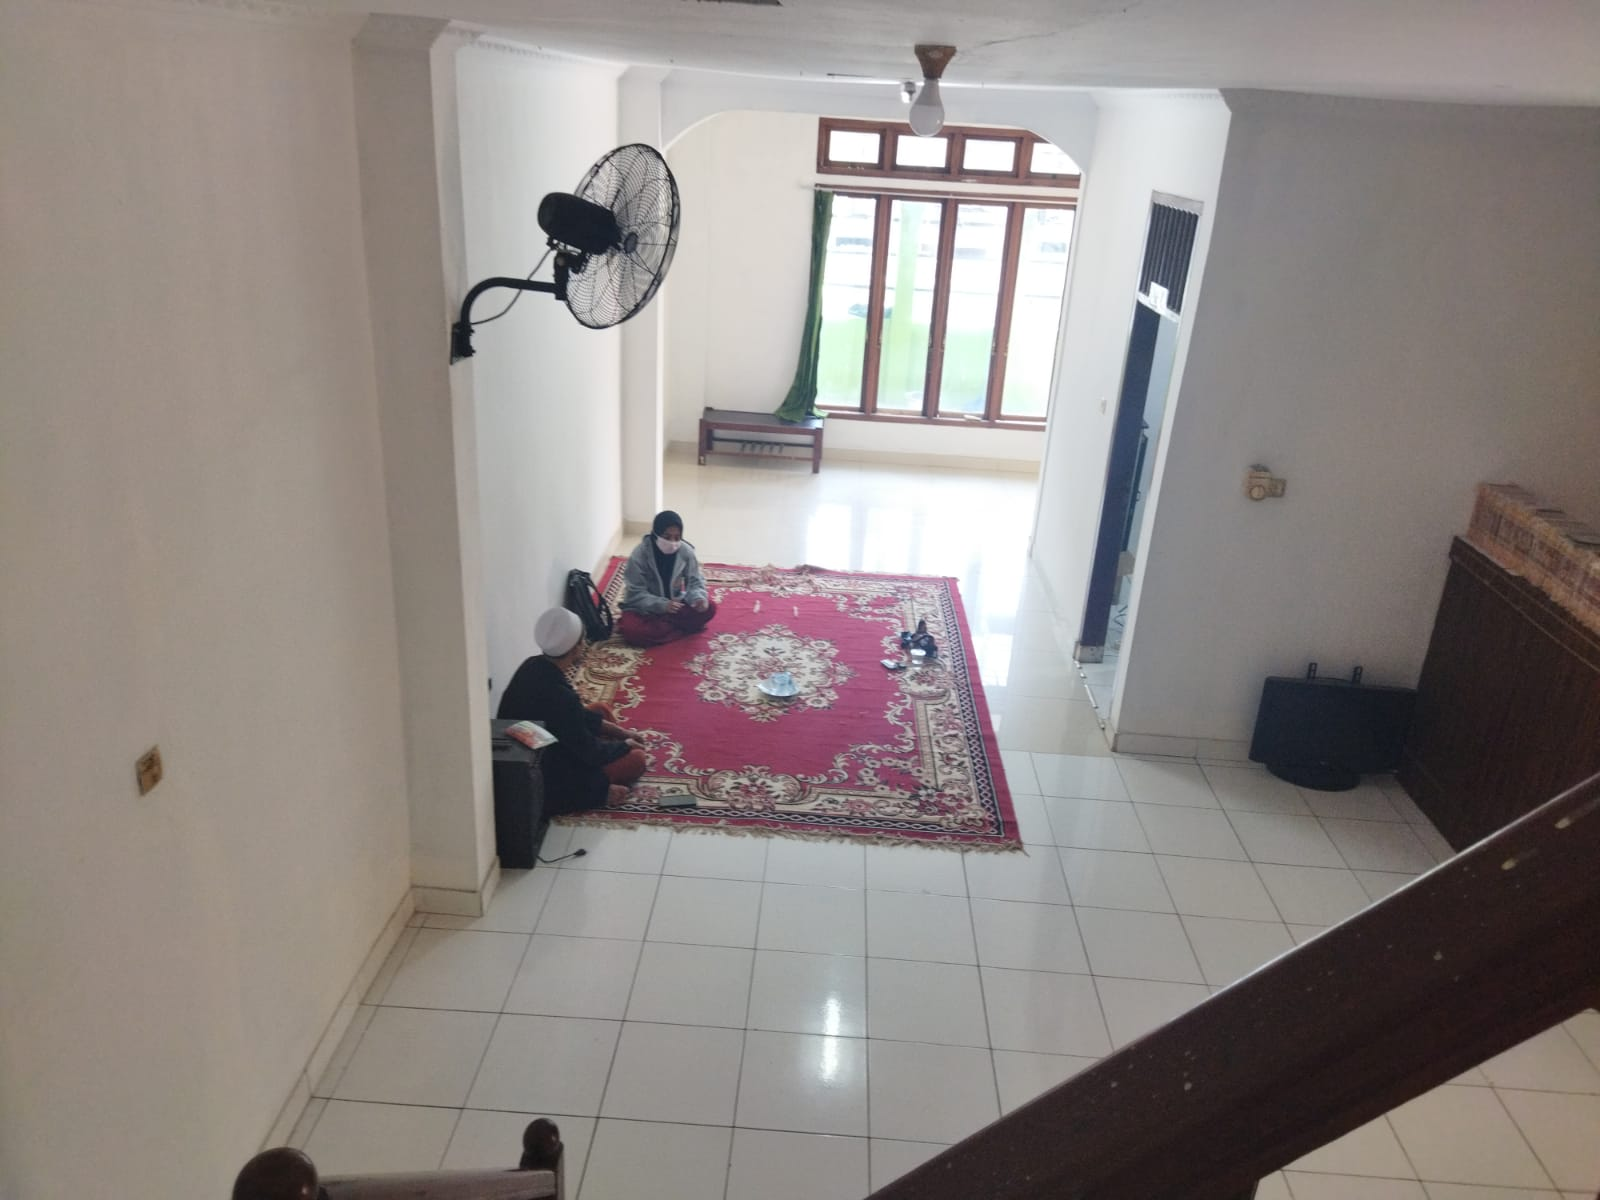 Kitabisa dan Zakat Sukses-Foto rumah baru subulun najjah